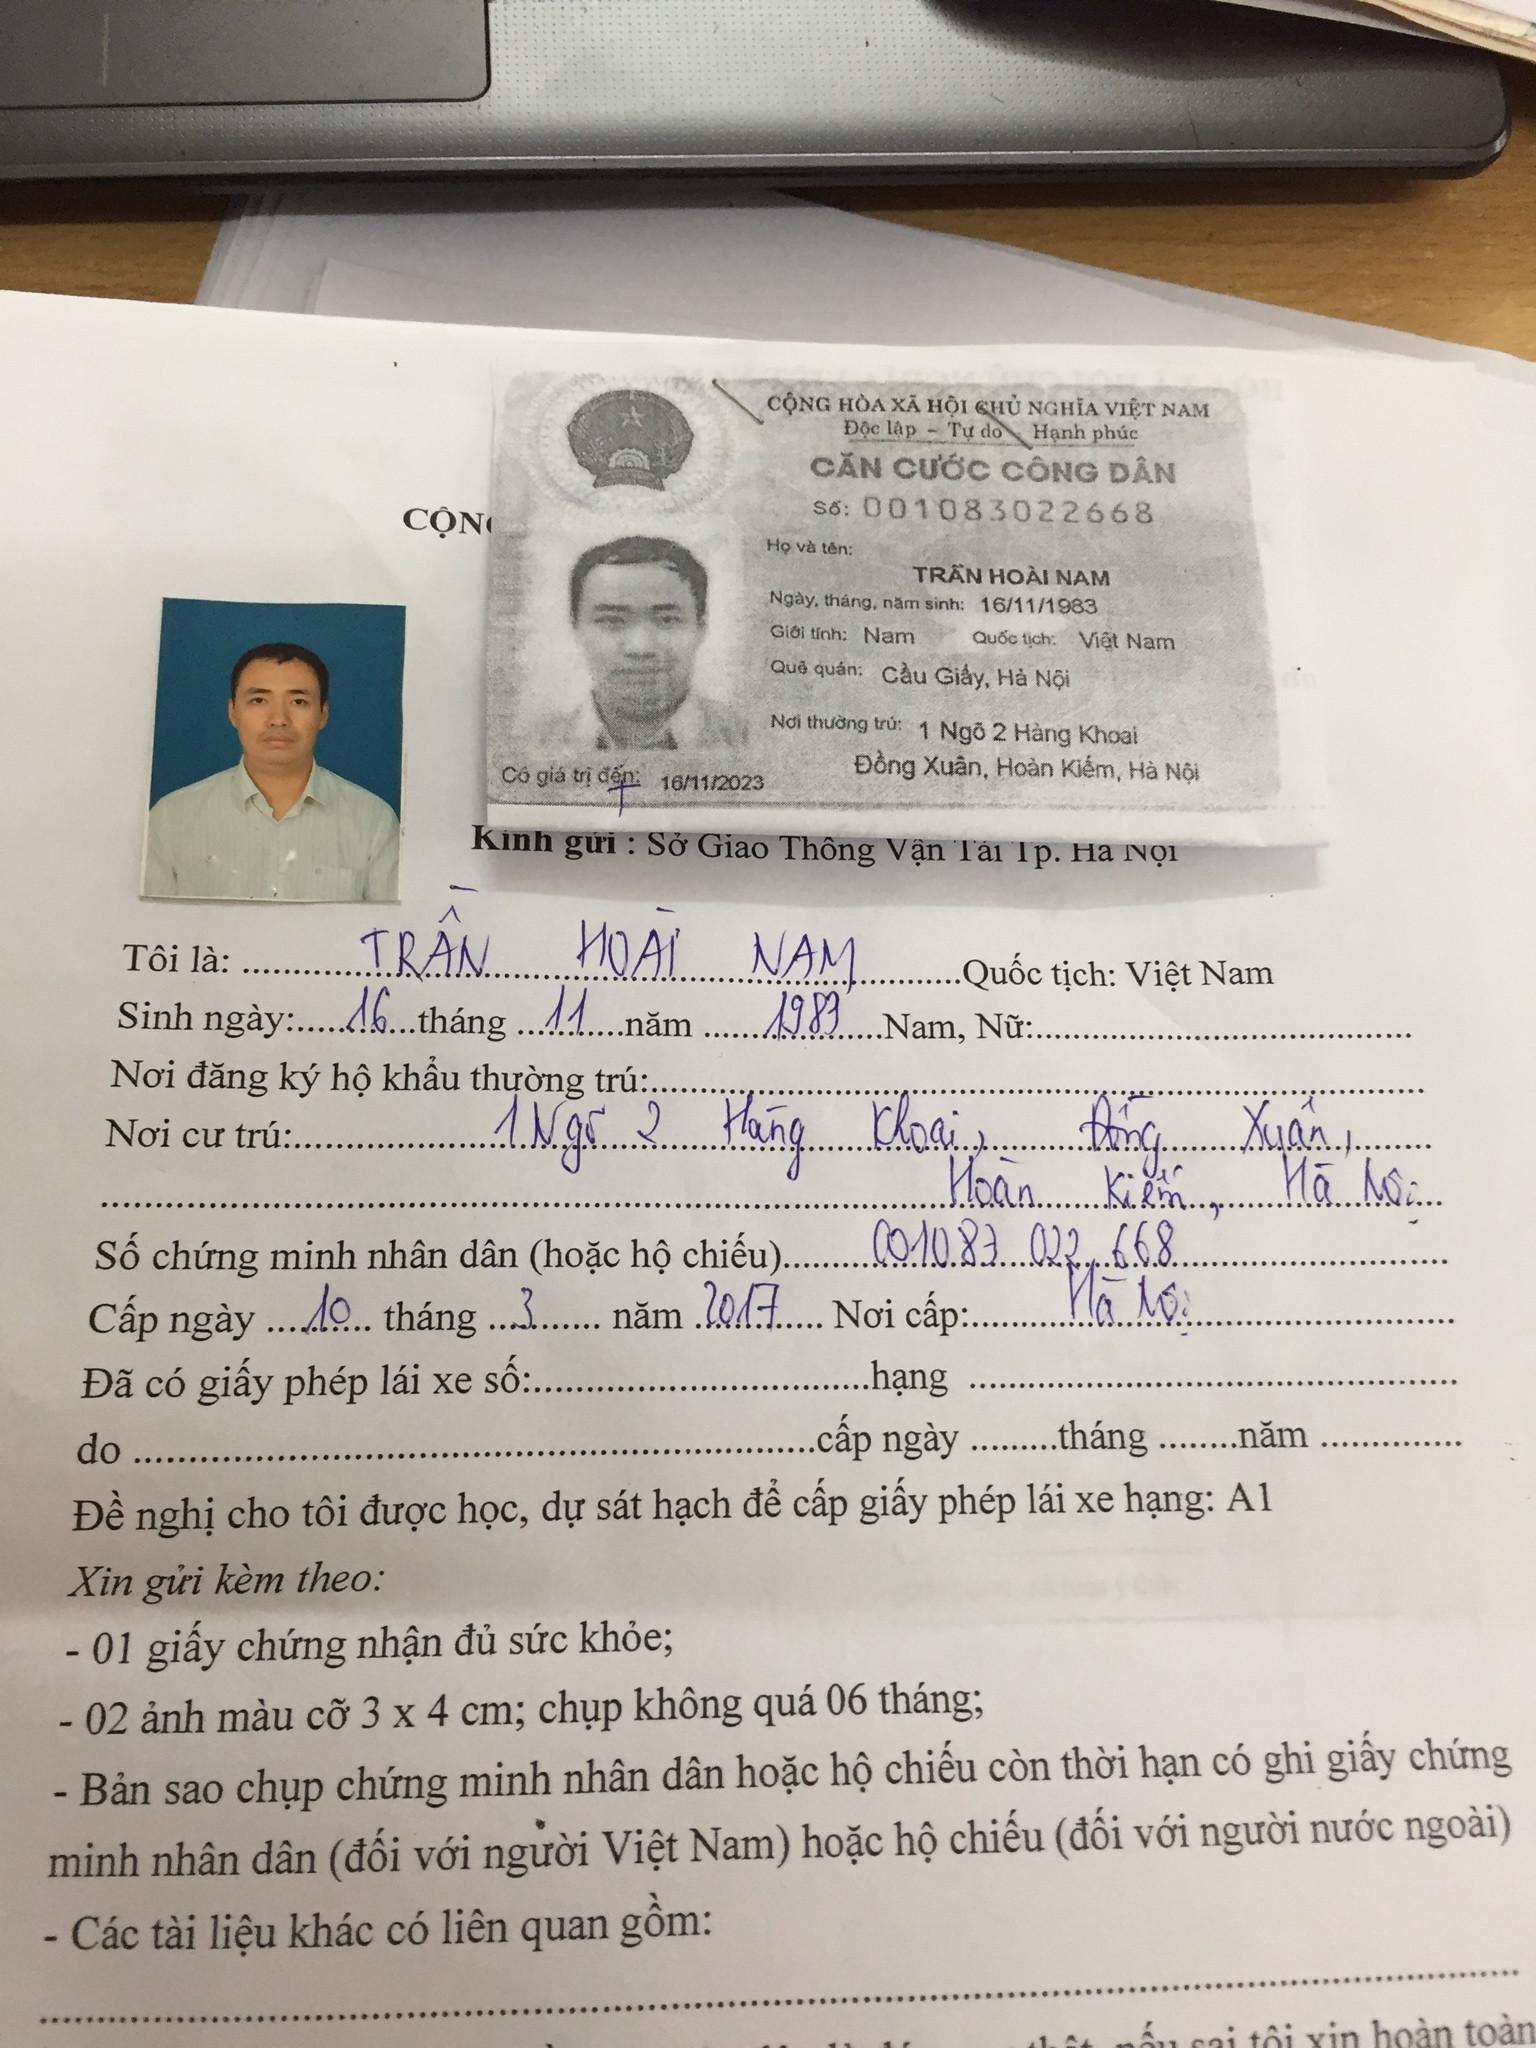 Mua hồ sơ thi bằng lái xe máy